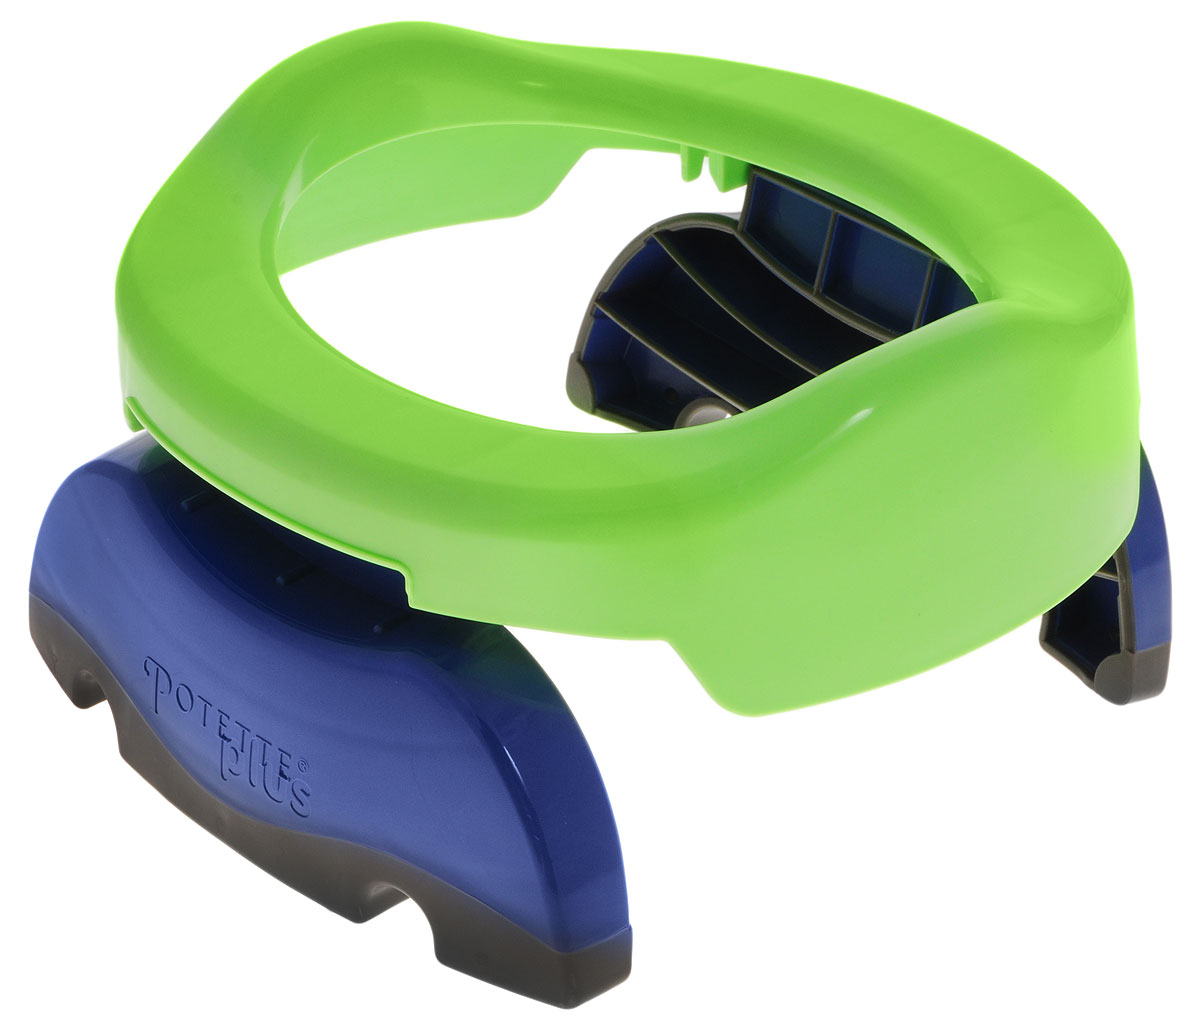 Дорожный горшок Potette Plus, цвет: зеленый